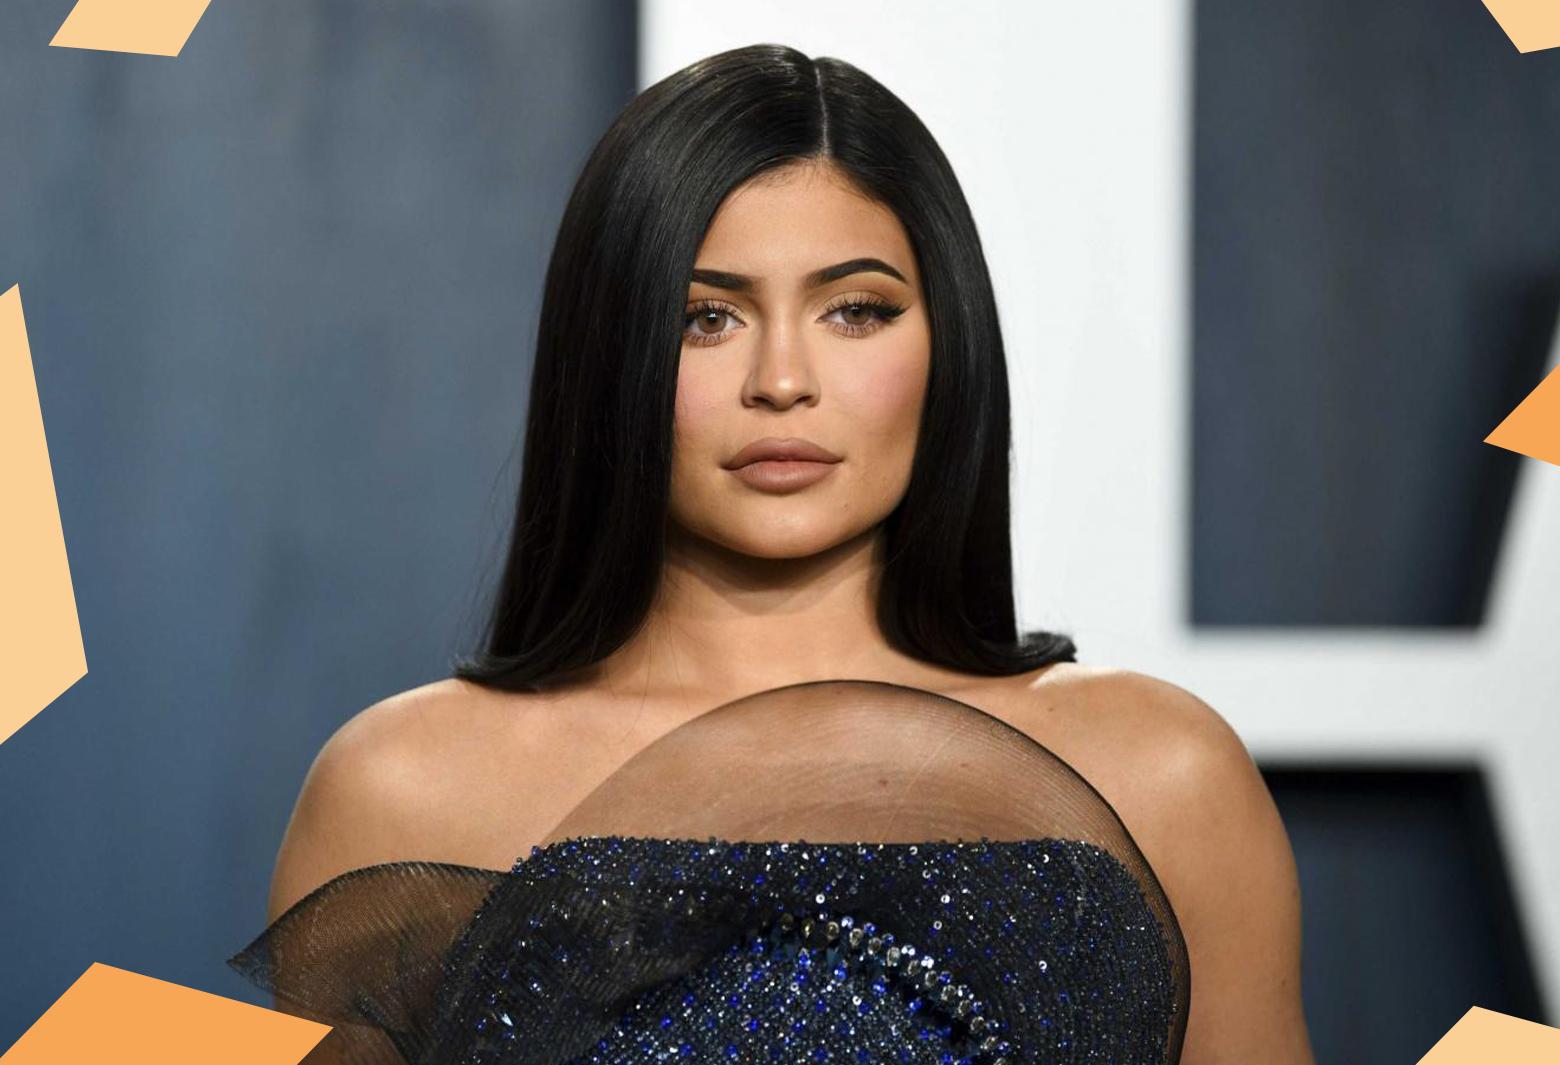 Kylie Jenner.png (993 KB)